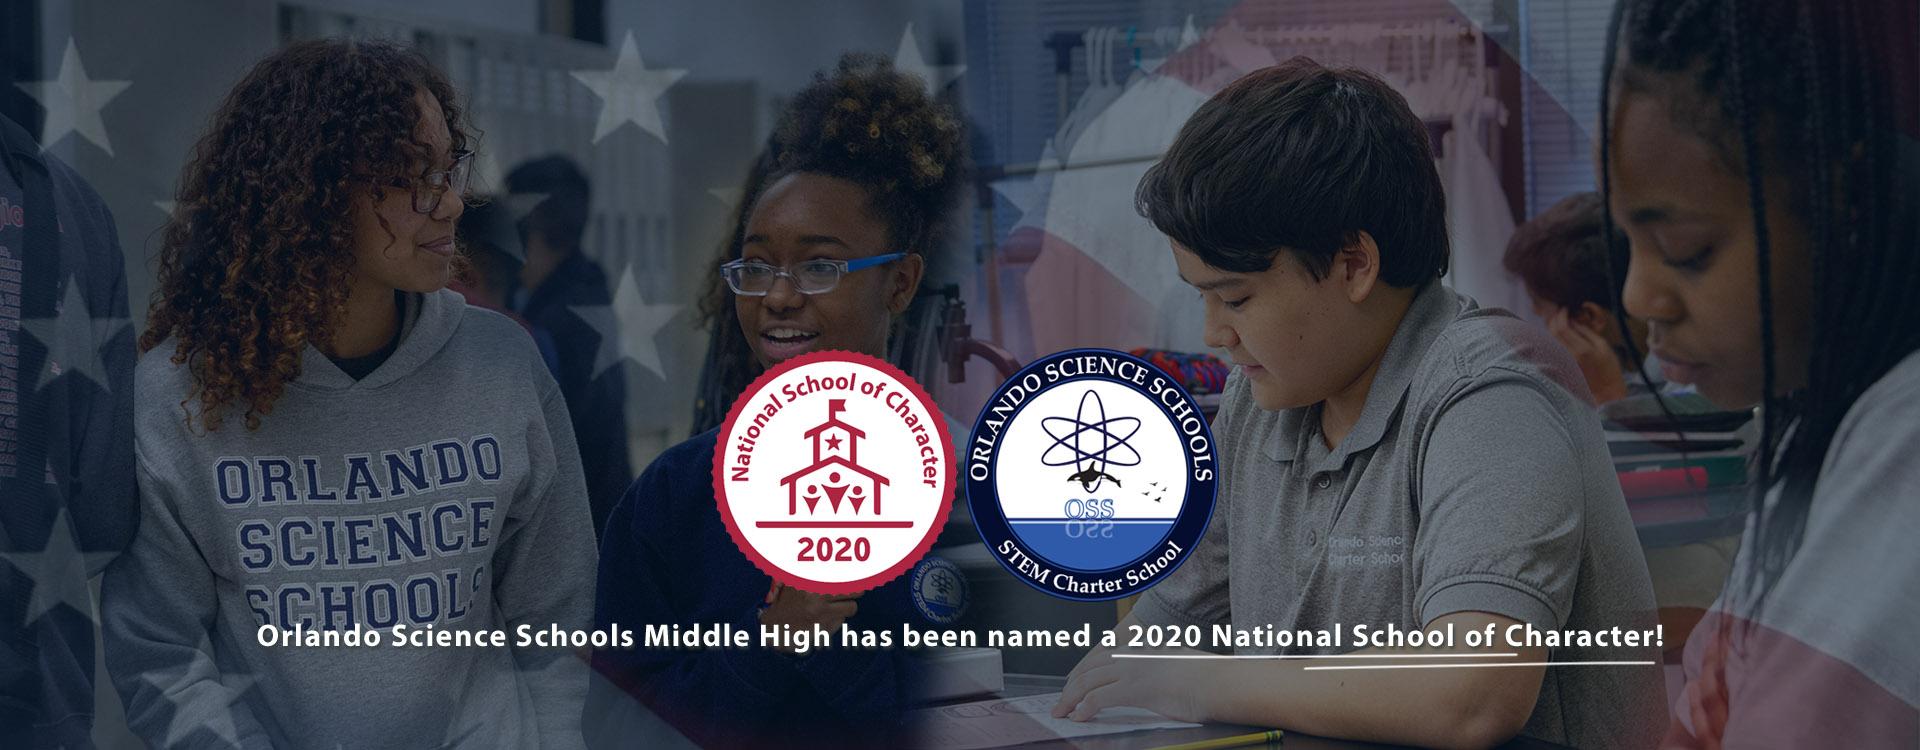 school-of-character-HS-2020